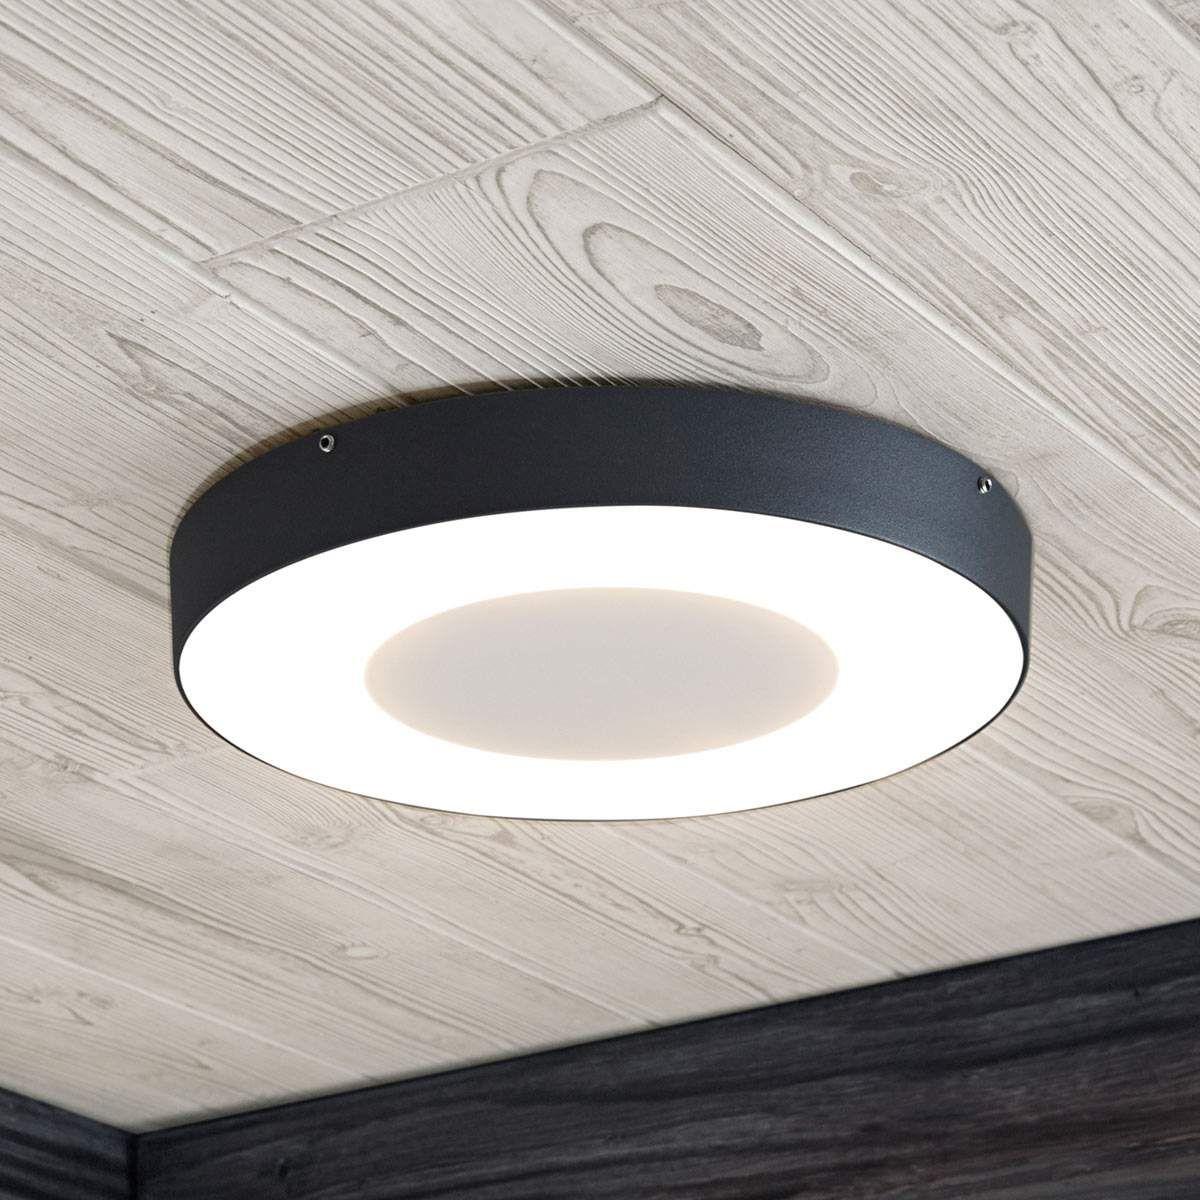 Led Aussendeckenleuchte Sora Rund Lampen Aussenlampen Leuchtstoffrohre